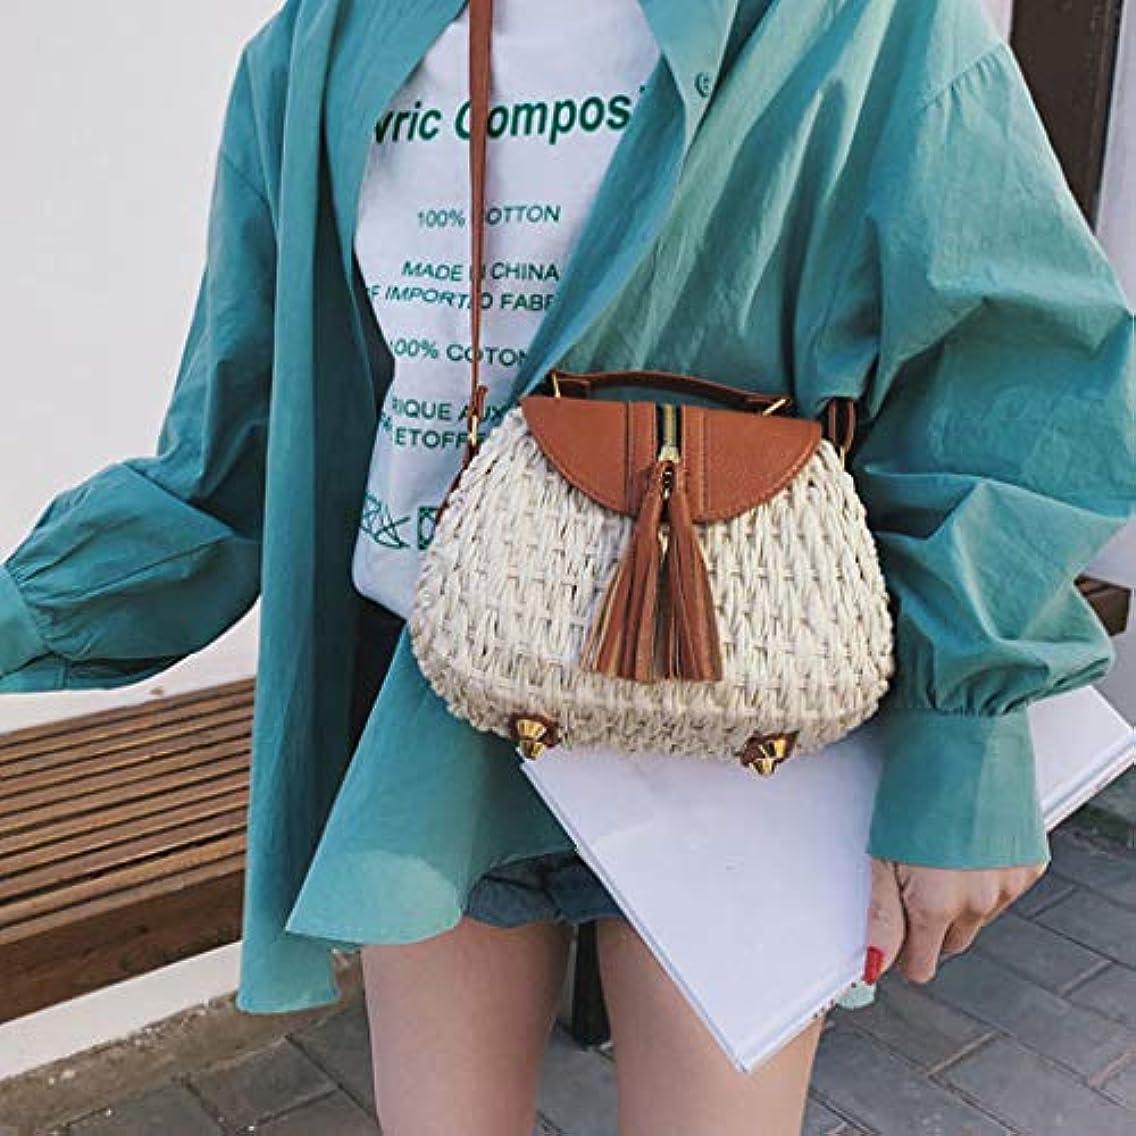 不公平の間で仕える女性の流行のタッセルはショルダー?バッグ、女性浜の余暇のクロスボディ袋を織ります、女性のタッセルは浜様式のメッセンジャー袋を織ります、女性方法対照色のビーチ様式のメッセンジャー袋 (ベージュ)